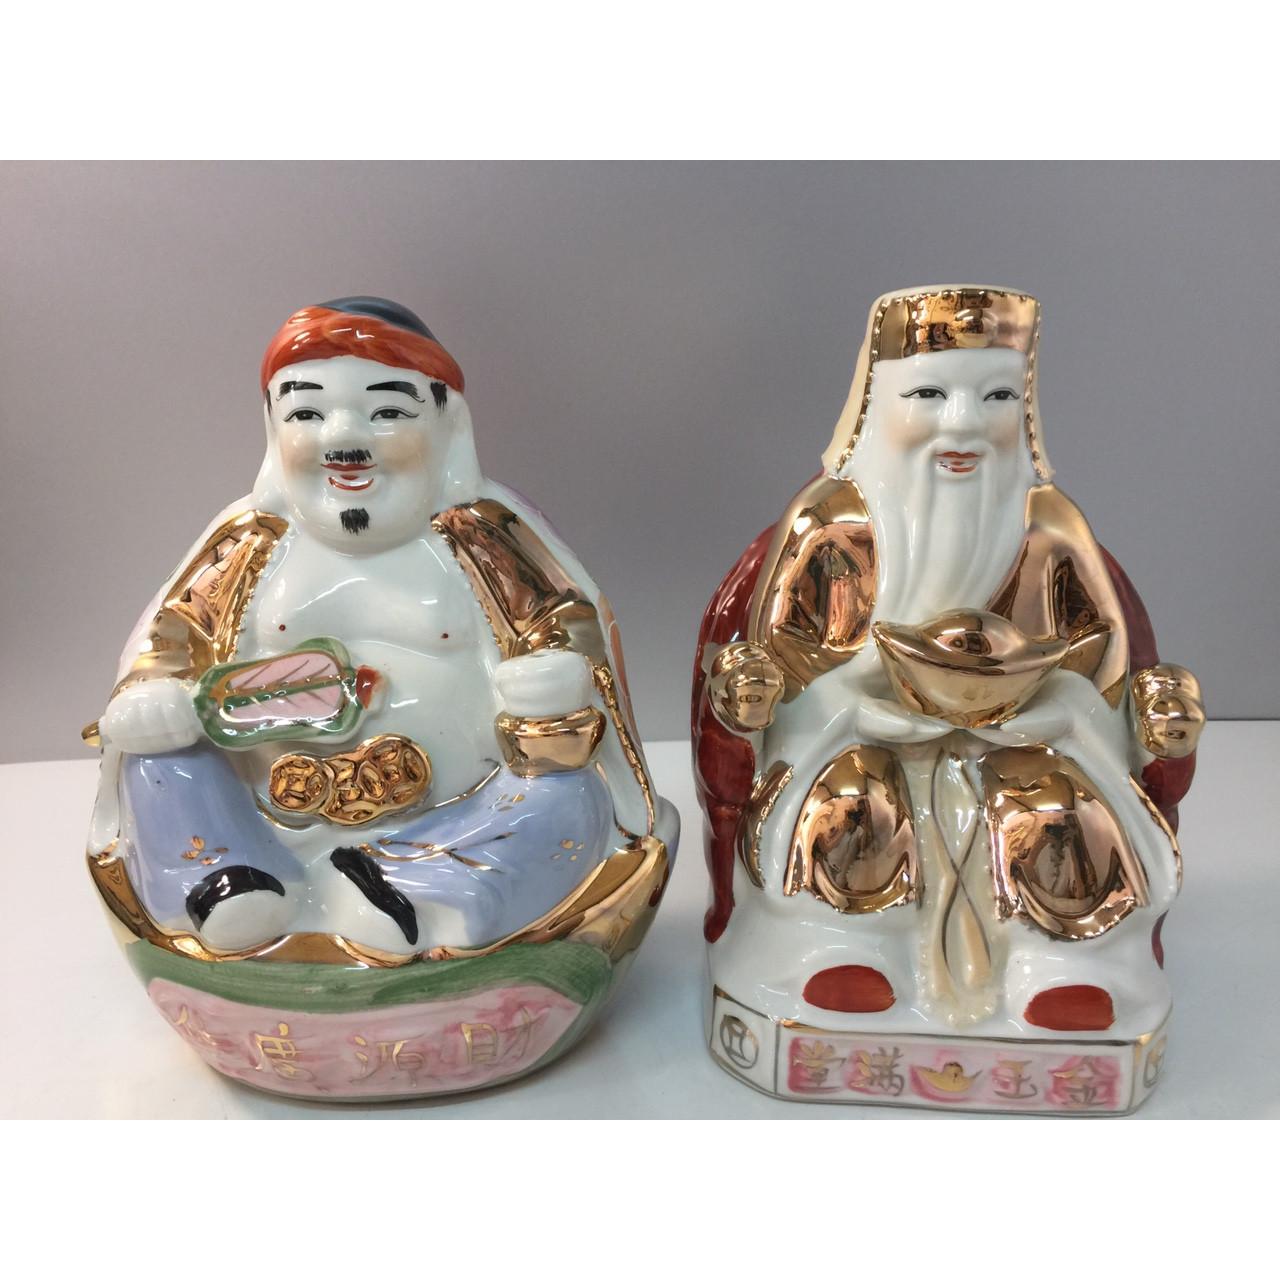 Cặp tượng Thần Tài - Thổ địa ( áo kim sứ Bát Tràng cao cấp) -  dành cho ban thần tài